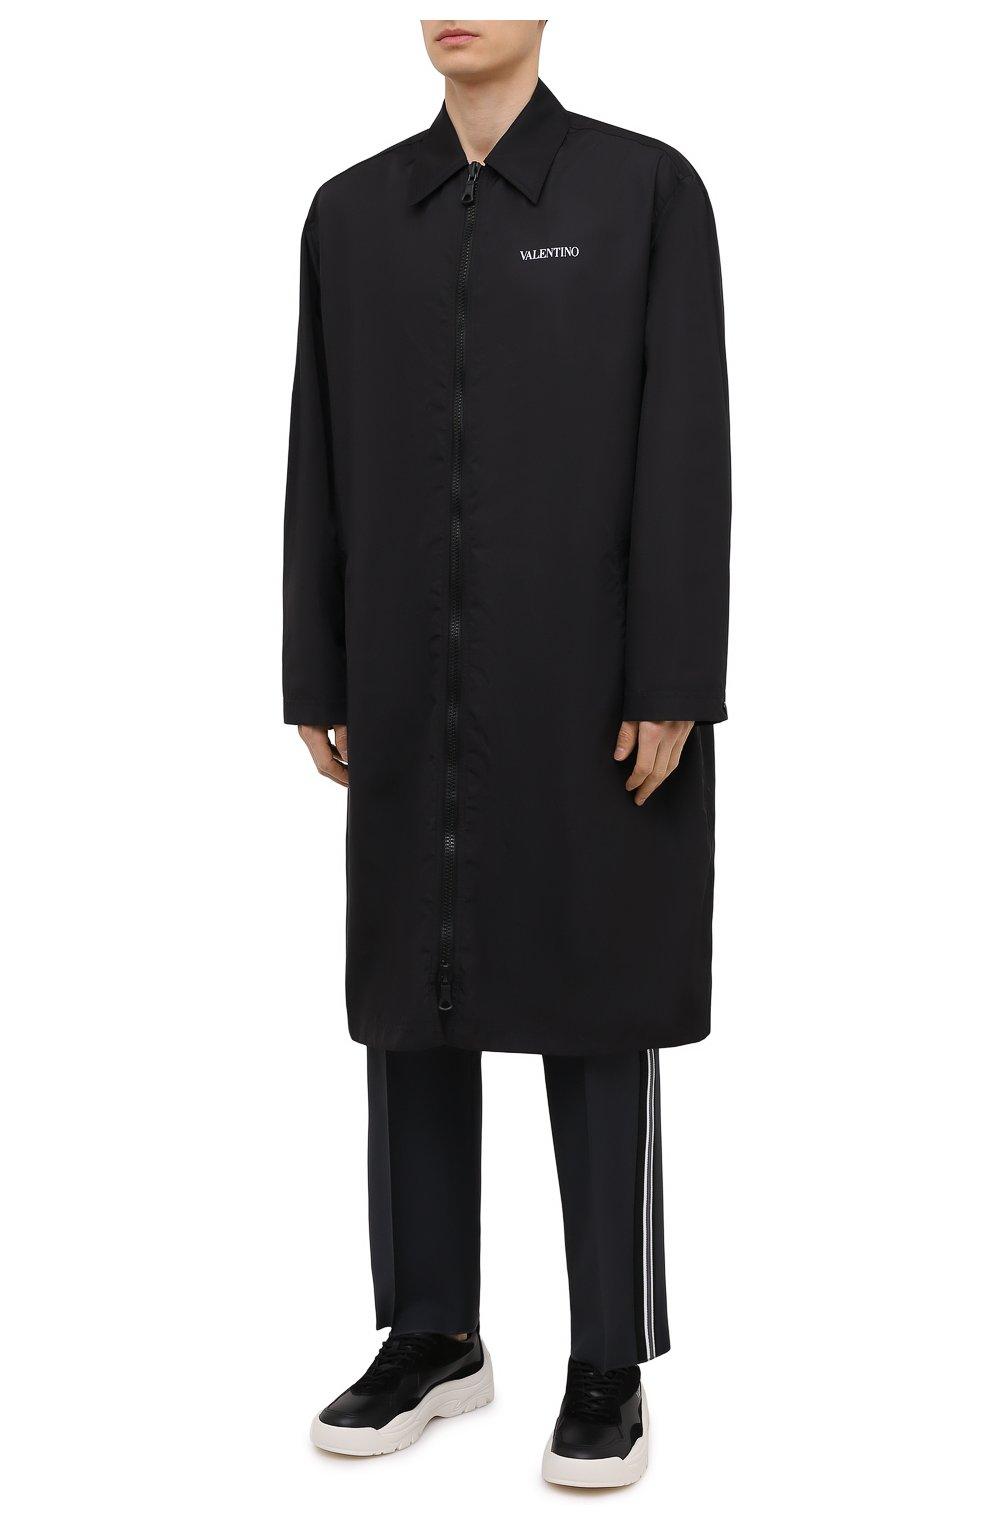 Мужской плащ VALENTINO черного цвета, арт. VV3CII9066C   Фото 3 (Мужское Кросс-КТ: Плащ-верхняя одежда; Рукава: Длинные; Длина (верхняя одежда): До колена; Материал внешний: Синтетический материал; Материал подклада: Синтетический материал; Стили: Кэжуэл)